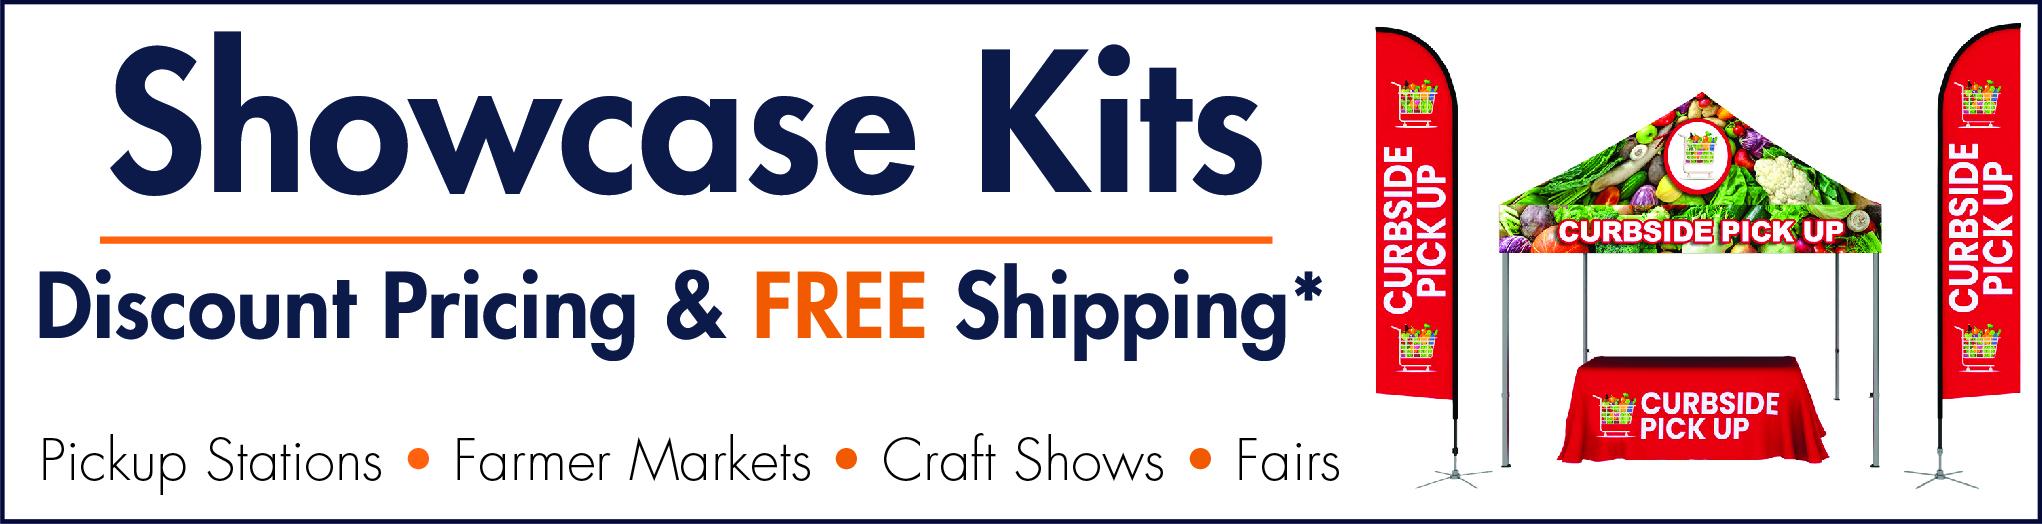 showcase-kits-01.jpg